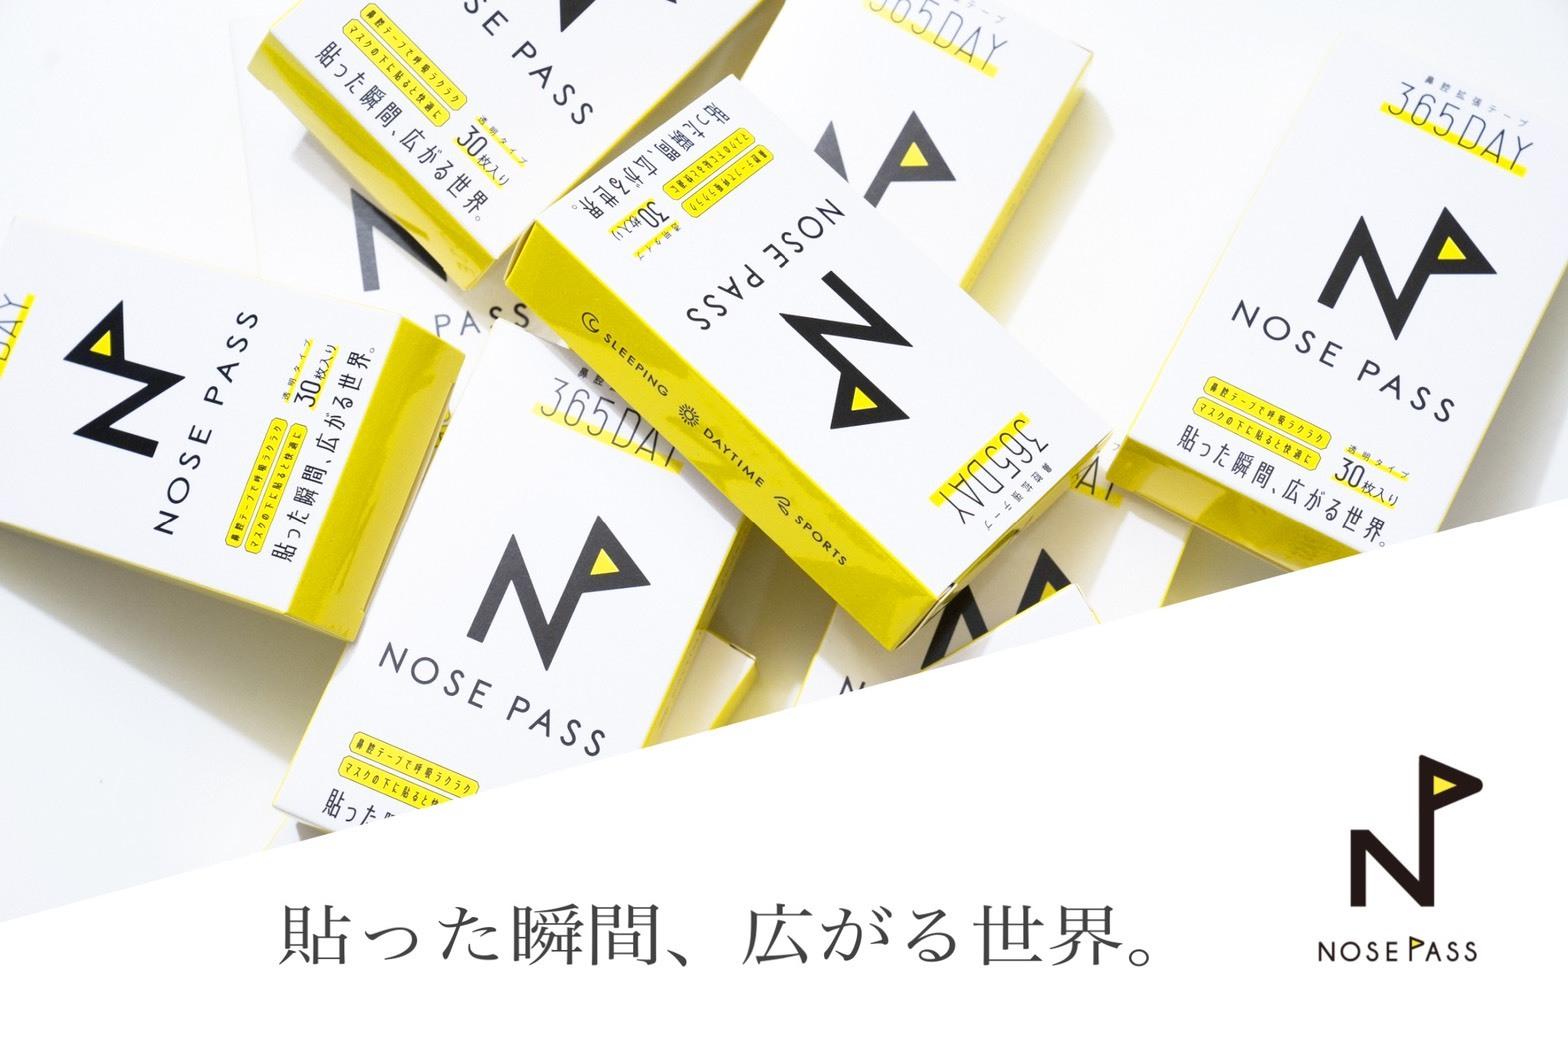 nosepass